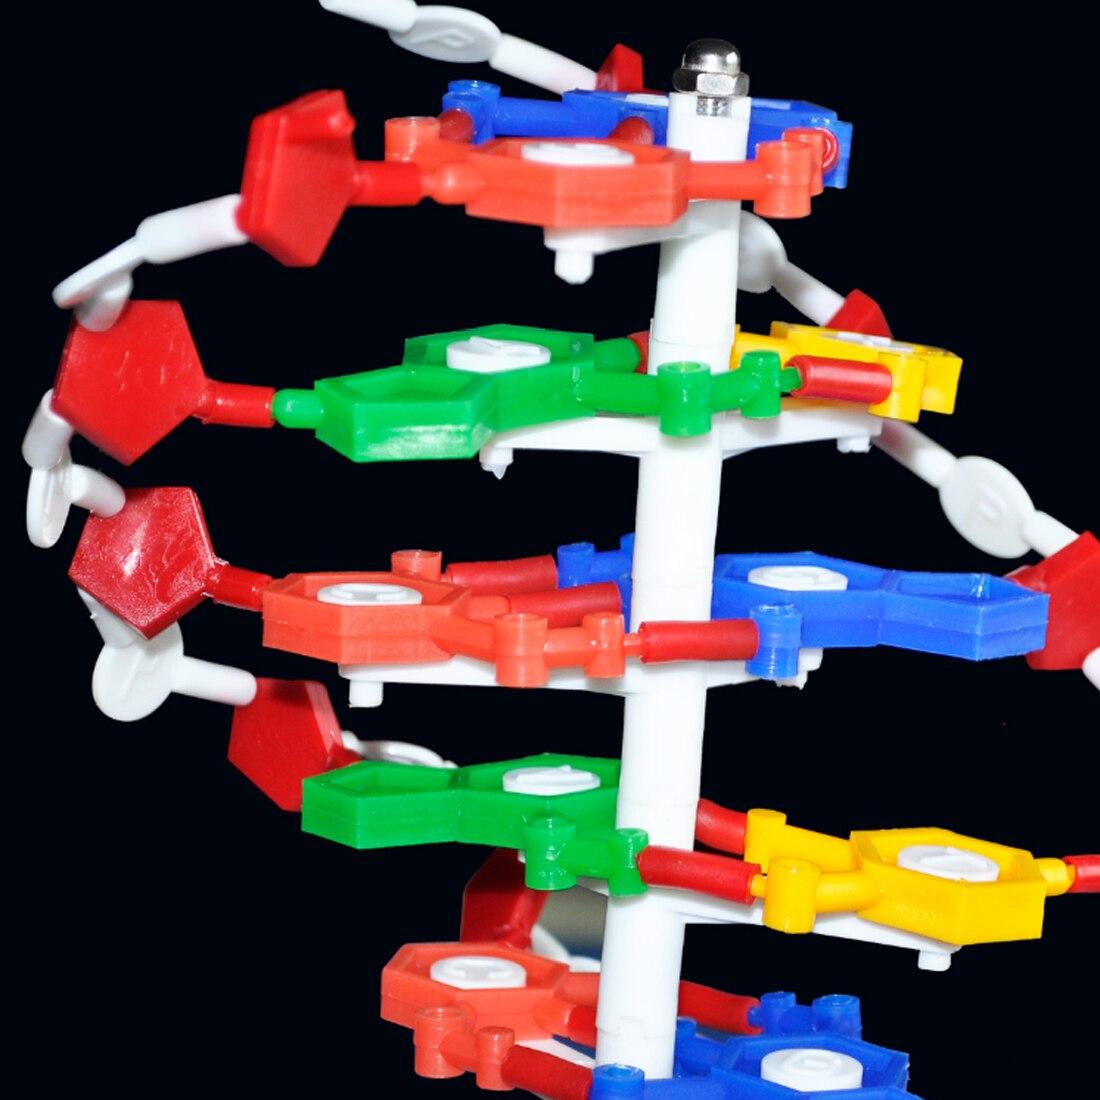 NFSTRIKE biologie aides pédagogiques modèle de Structure d'adn accessoires éducatifs étude adn Science équipement jouets pour enfants 2018 nouveauté - 6